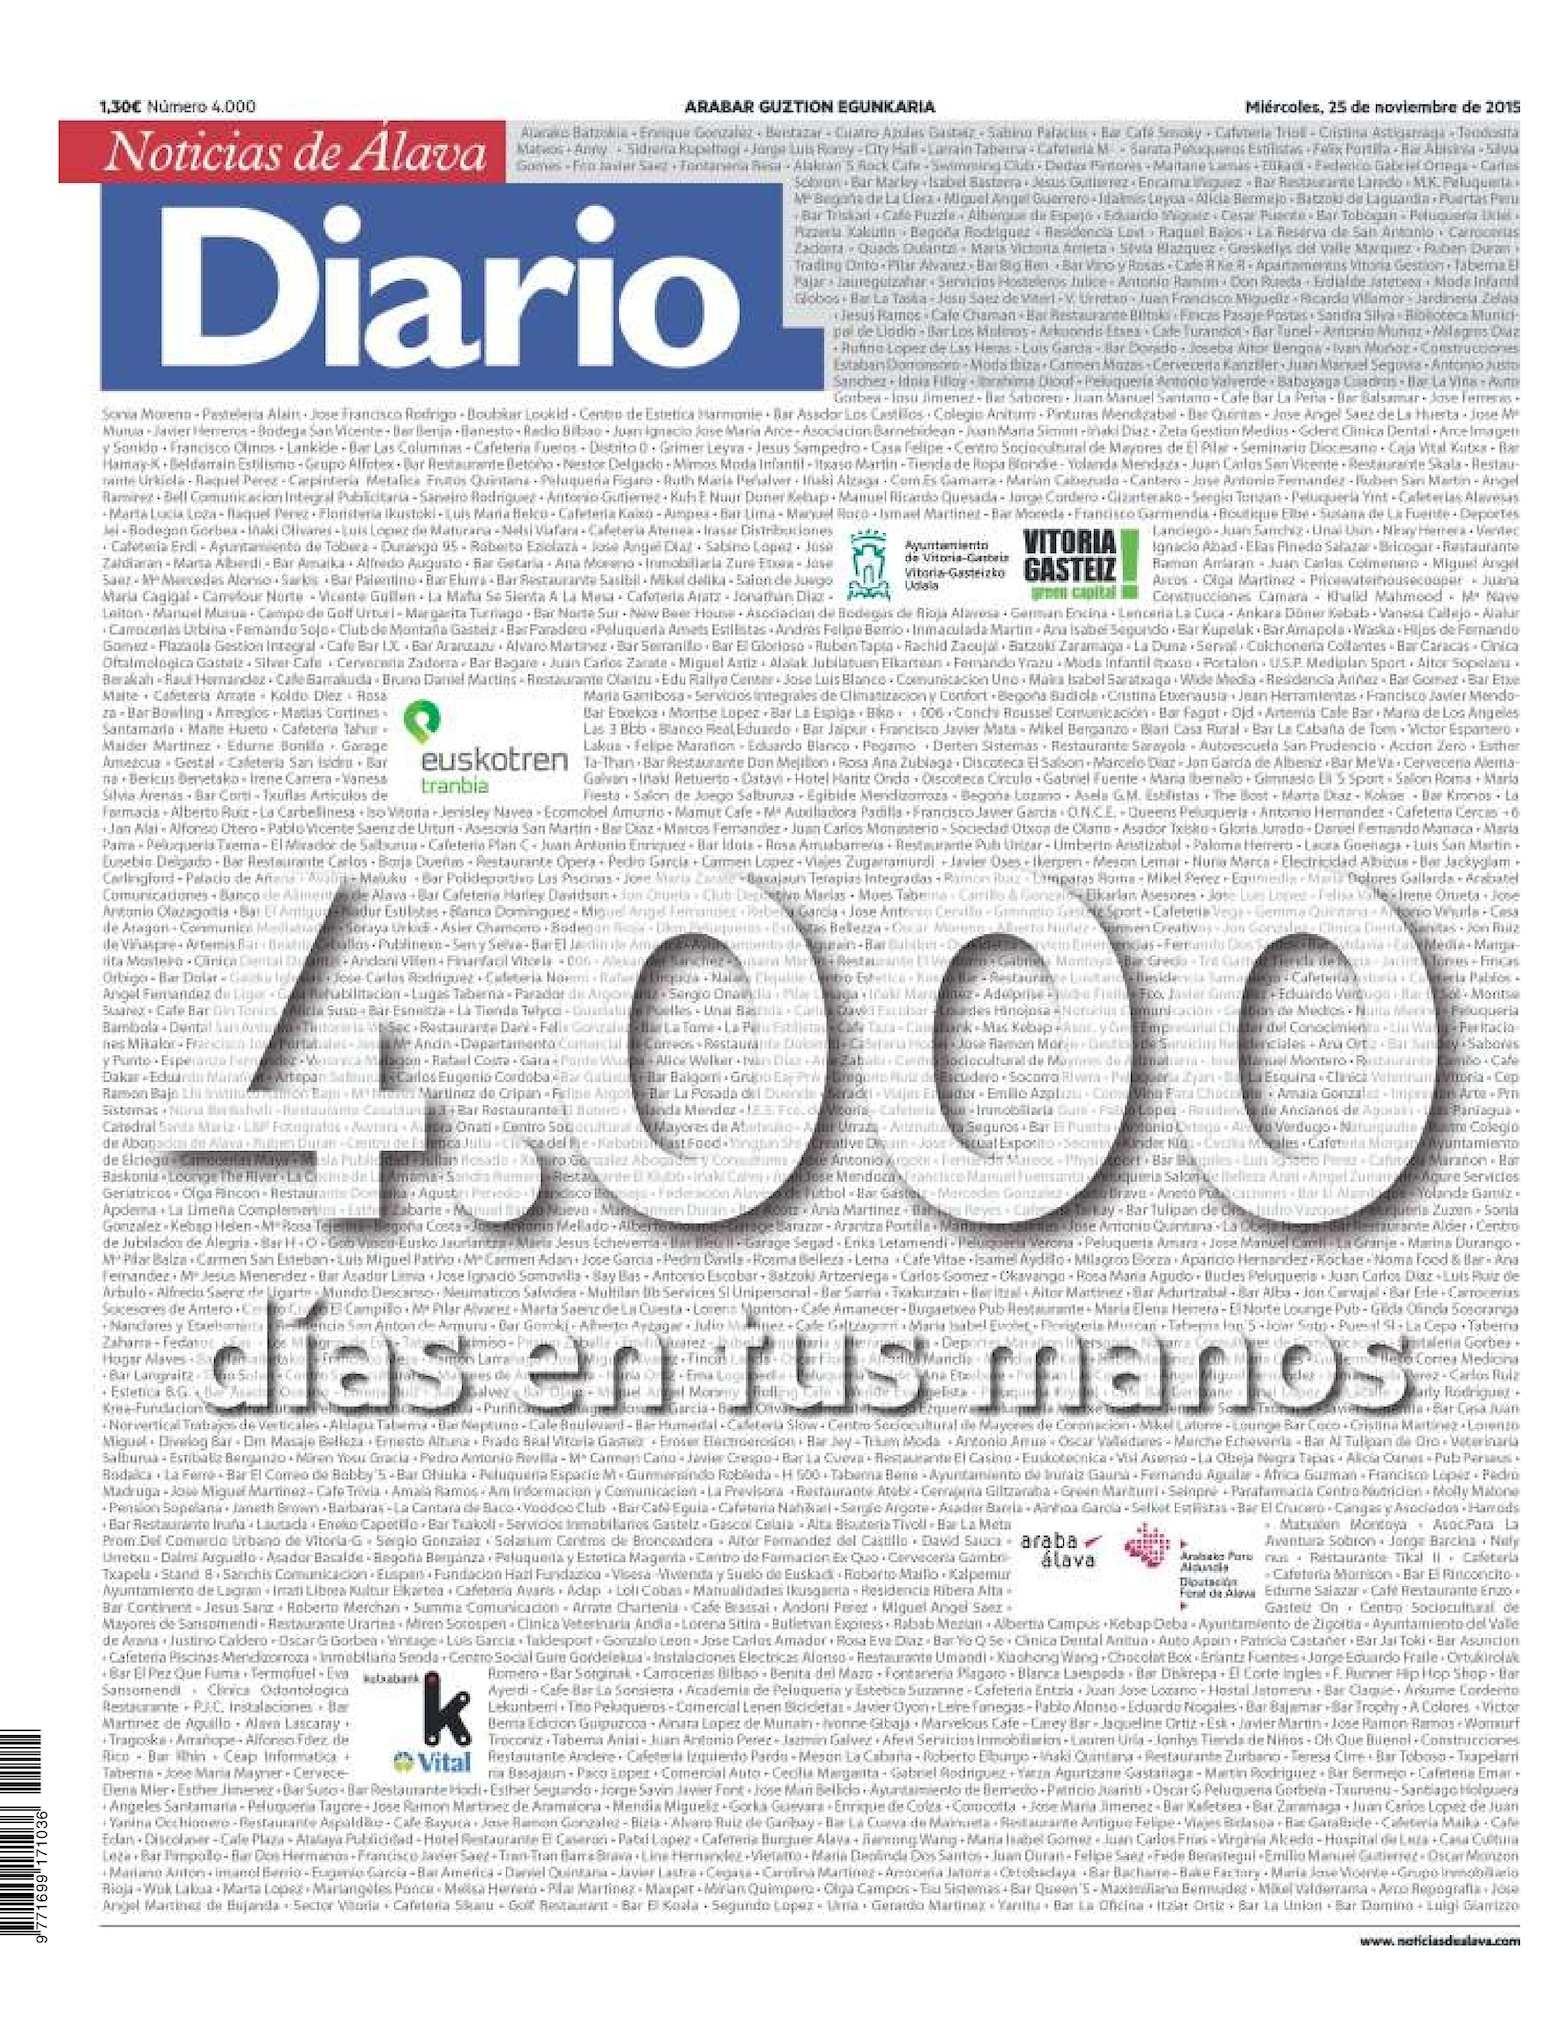 Calendario Laboral Construccion Burgos 2019 Más Caliente Calaméo Diario De Noticias De lava Of Calendario Laboral Construccion Burgos 2019 Más Populares Boe Documento Consolidado Boe A 2018 9268